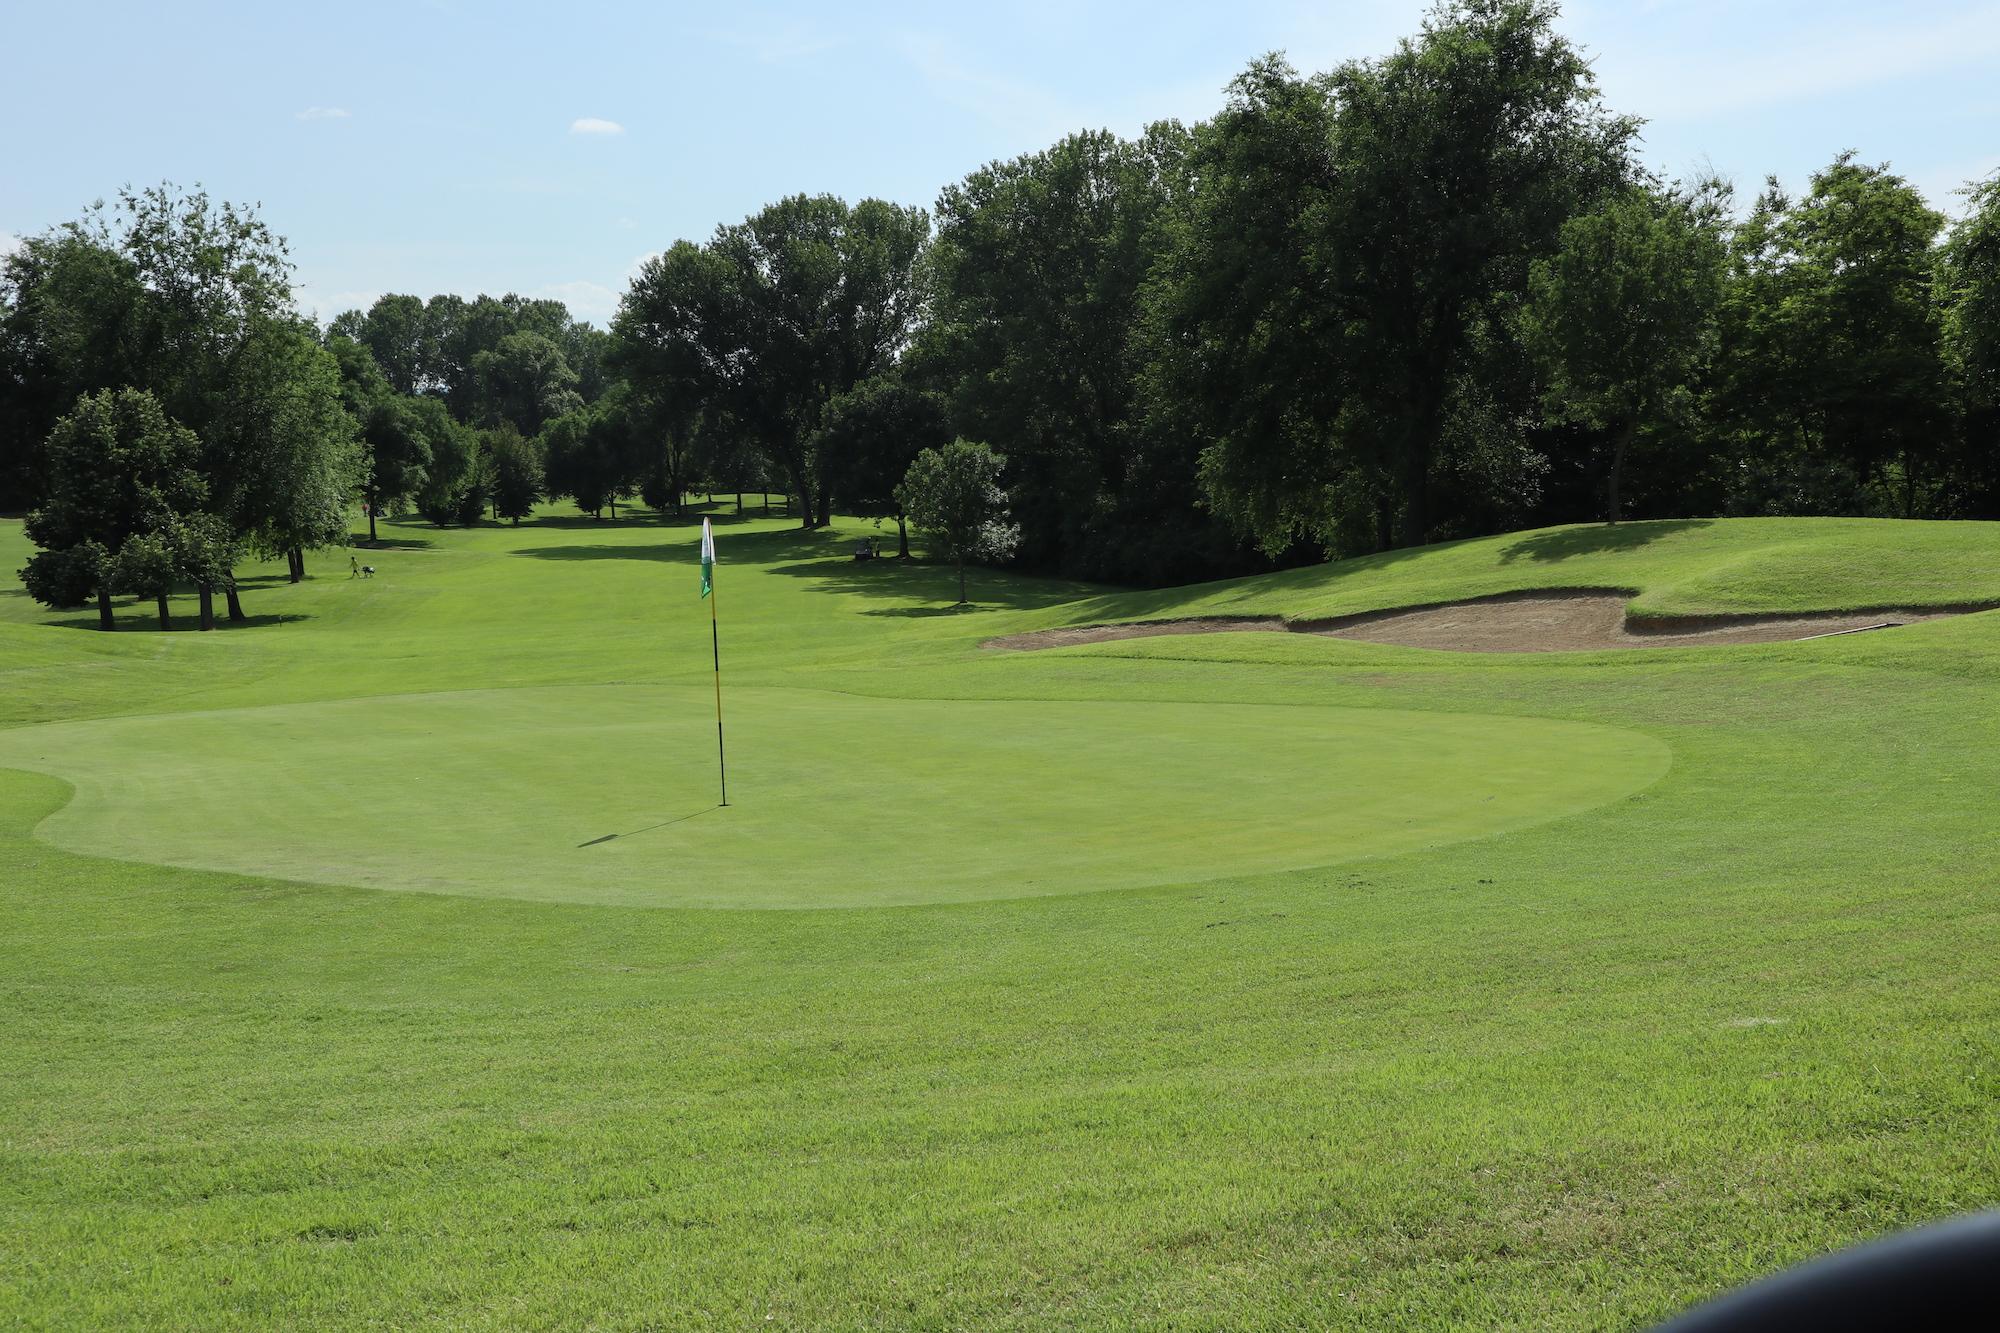 matilde-di-canossa-golf-club-1